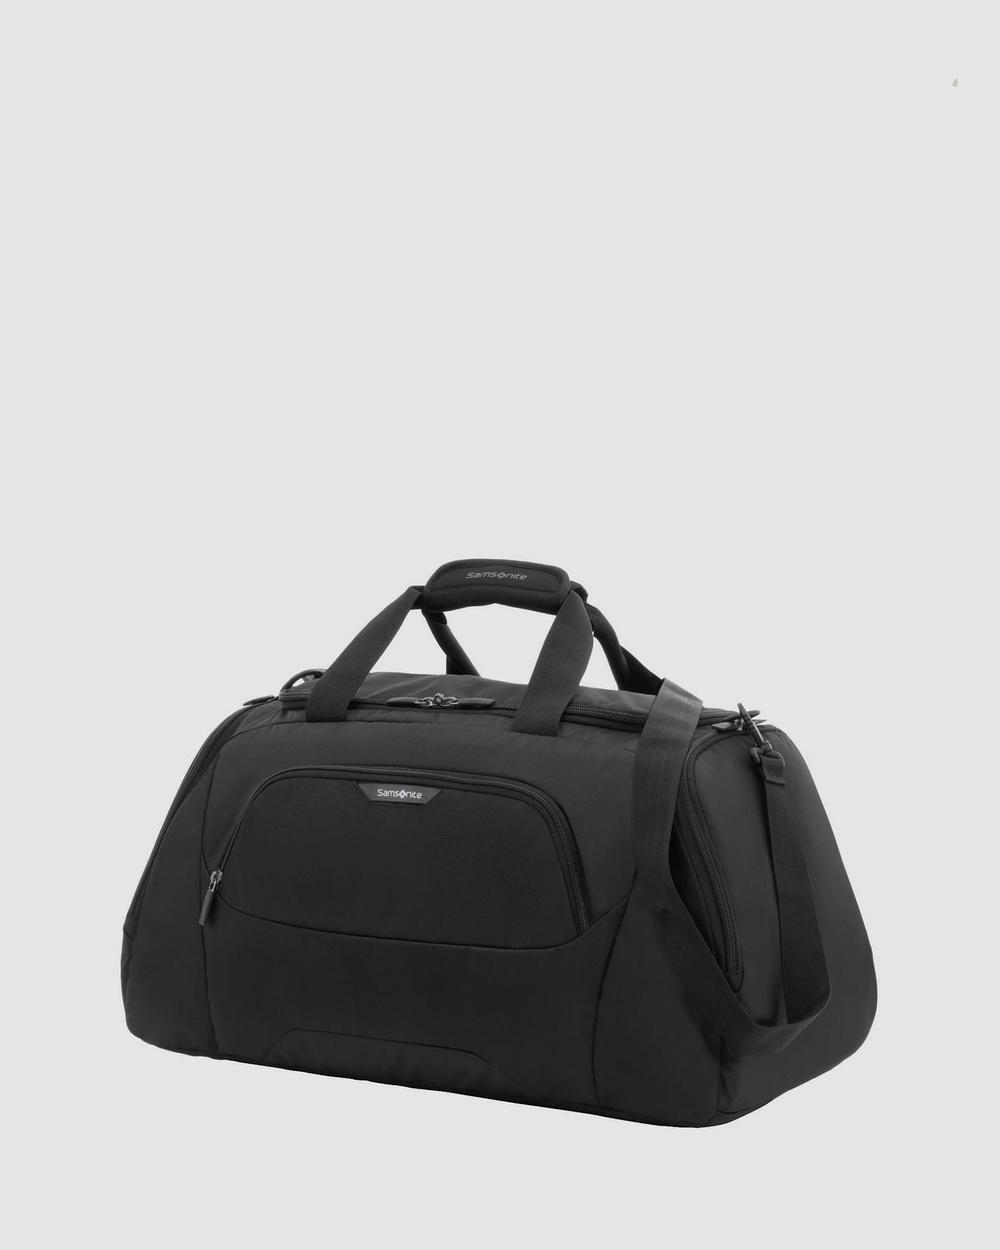 Samsonite Business Albi 55cm Duffle Bag Bags Black & Grey